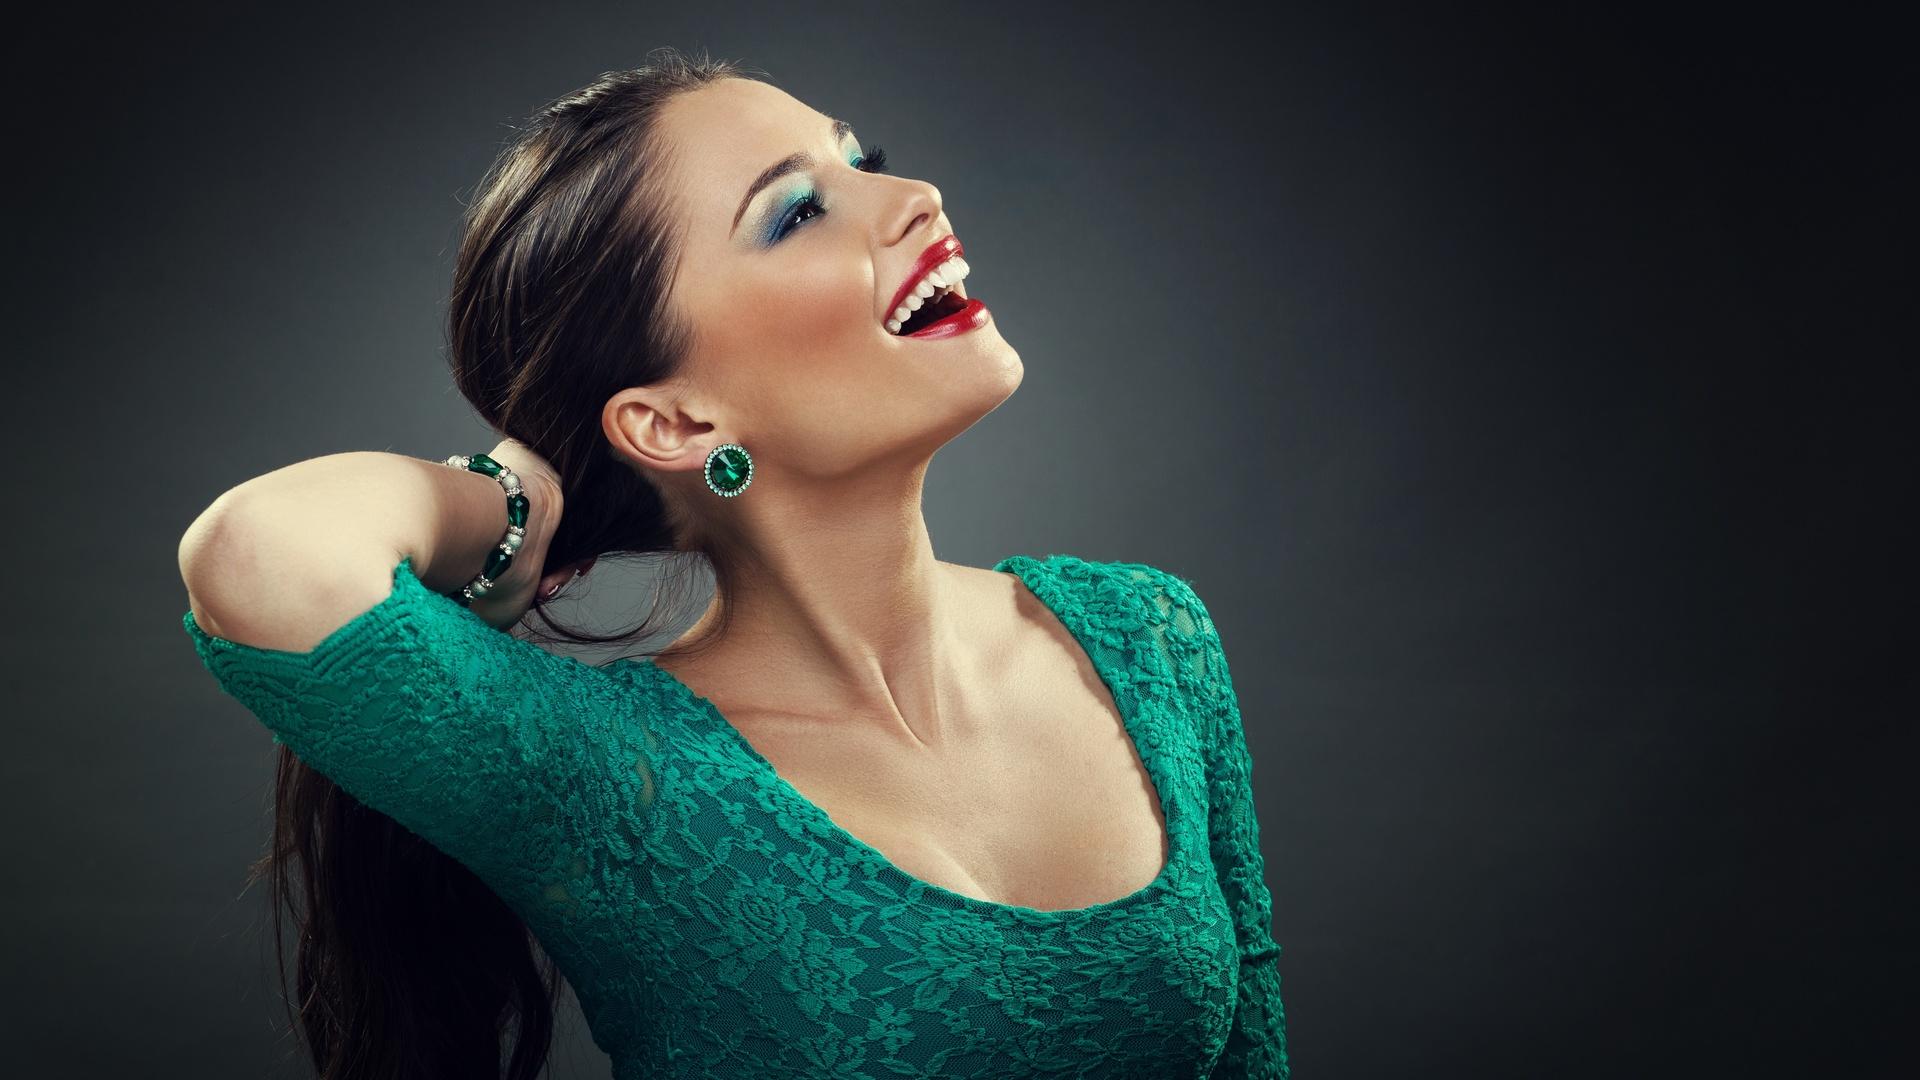 Макияж под зеленое платье или блузку должен быть особенным